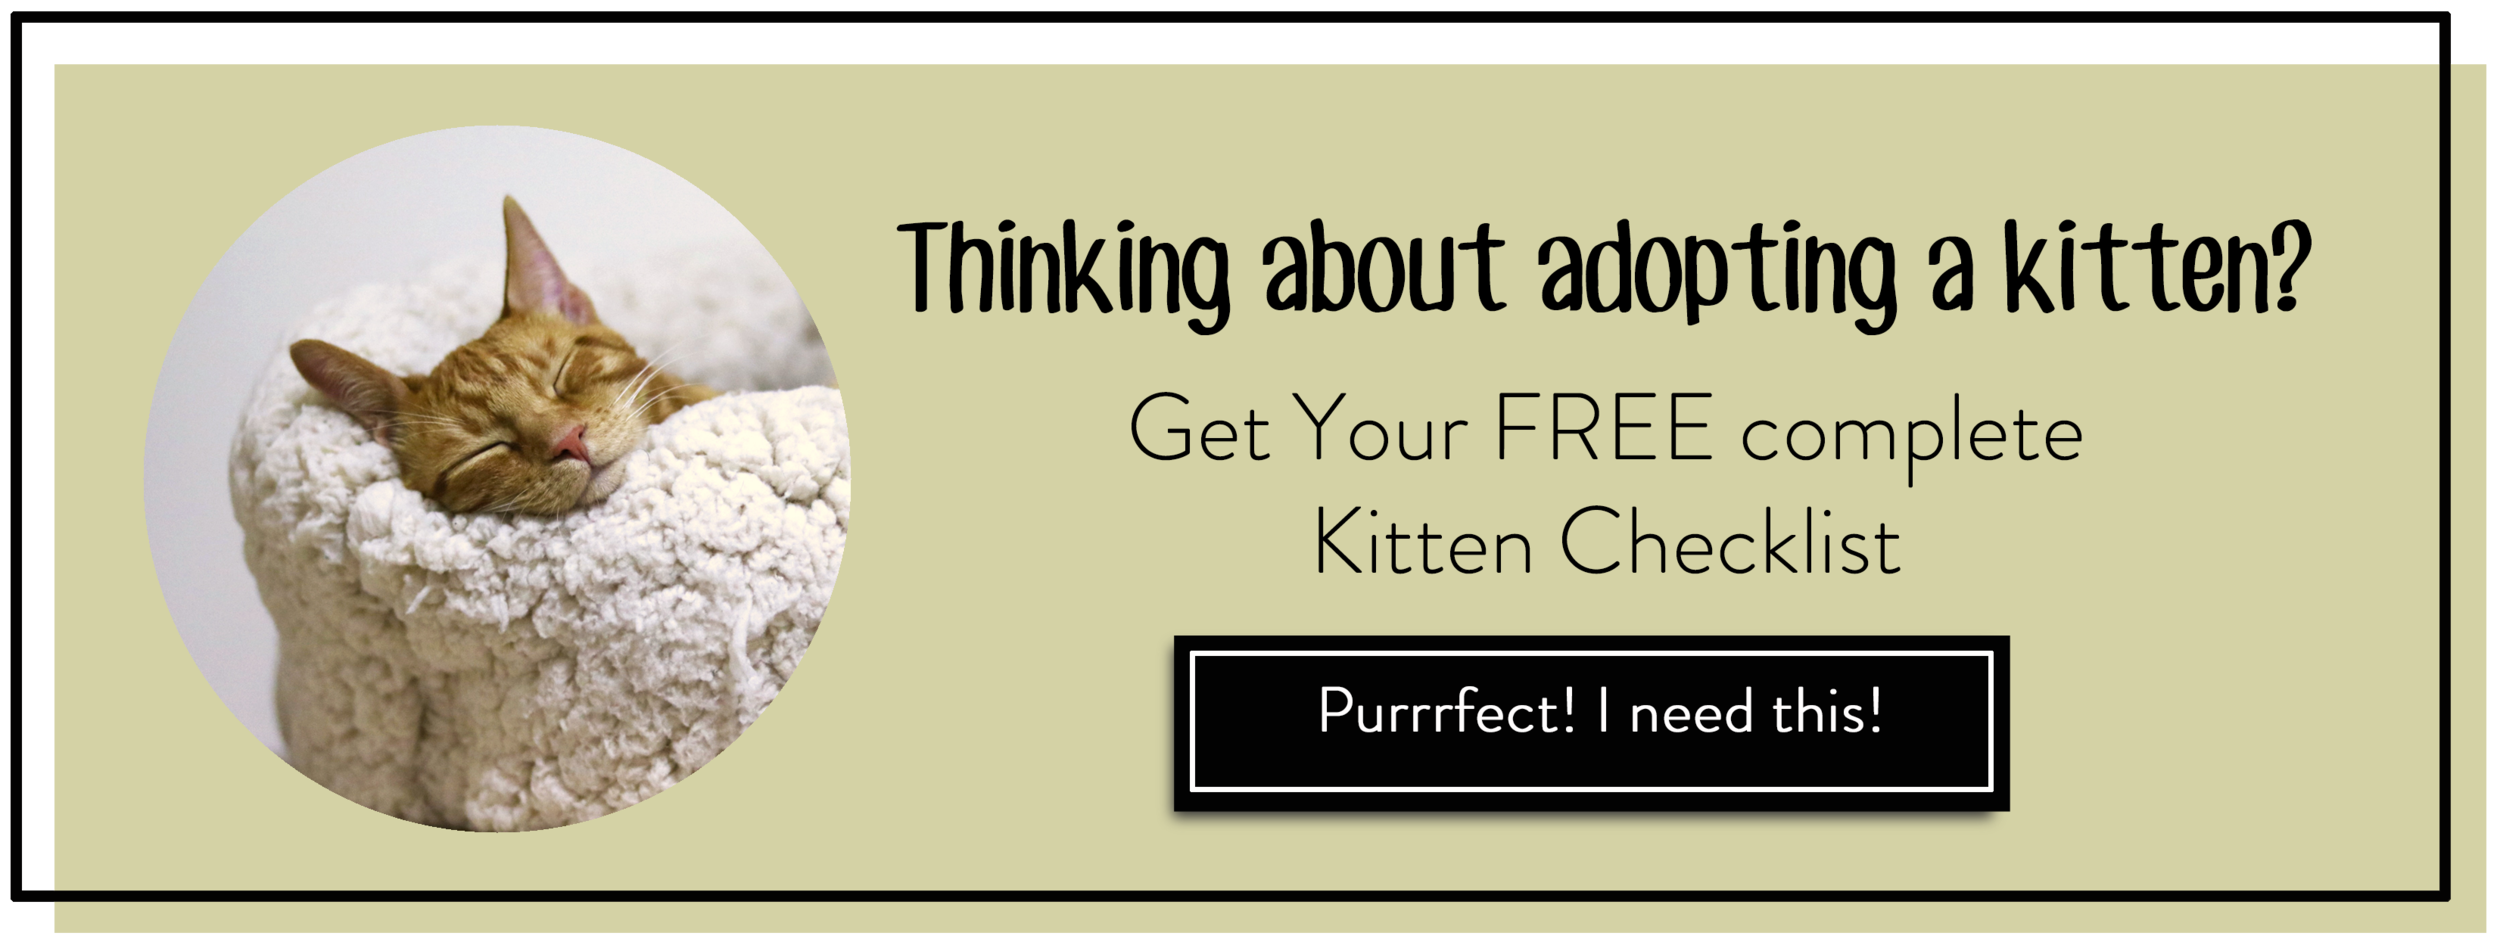 new kitten #kittenadoption #kitty